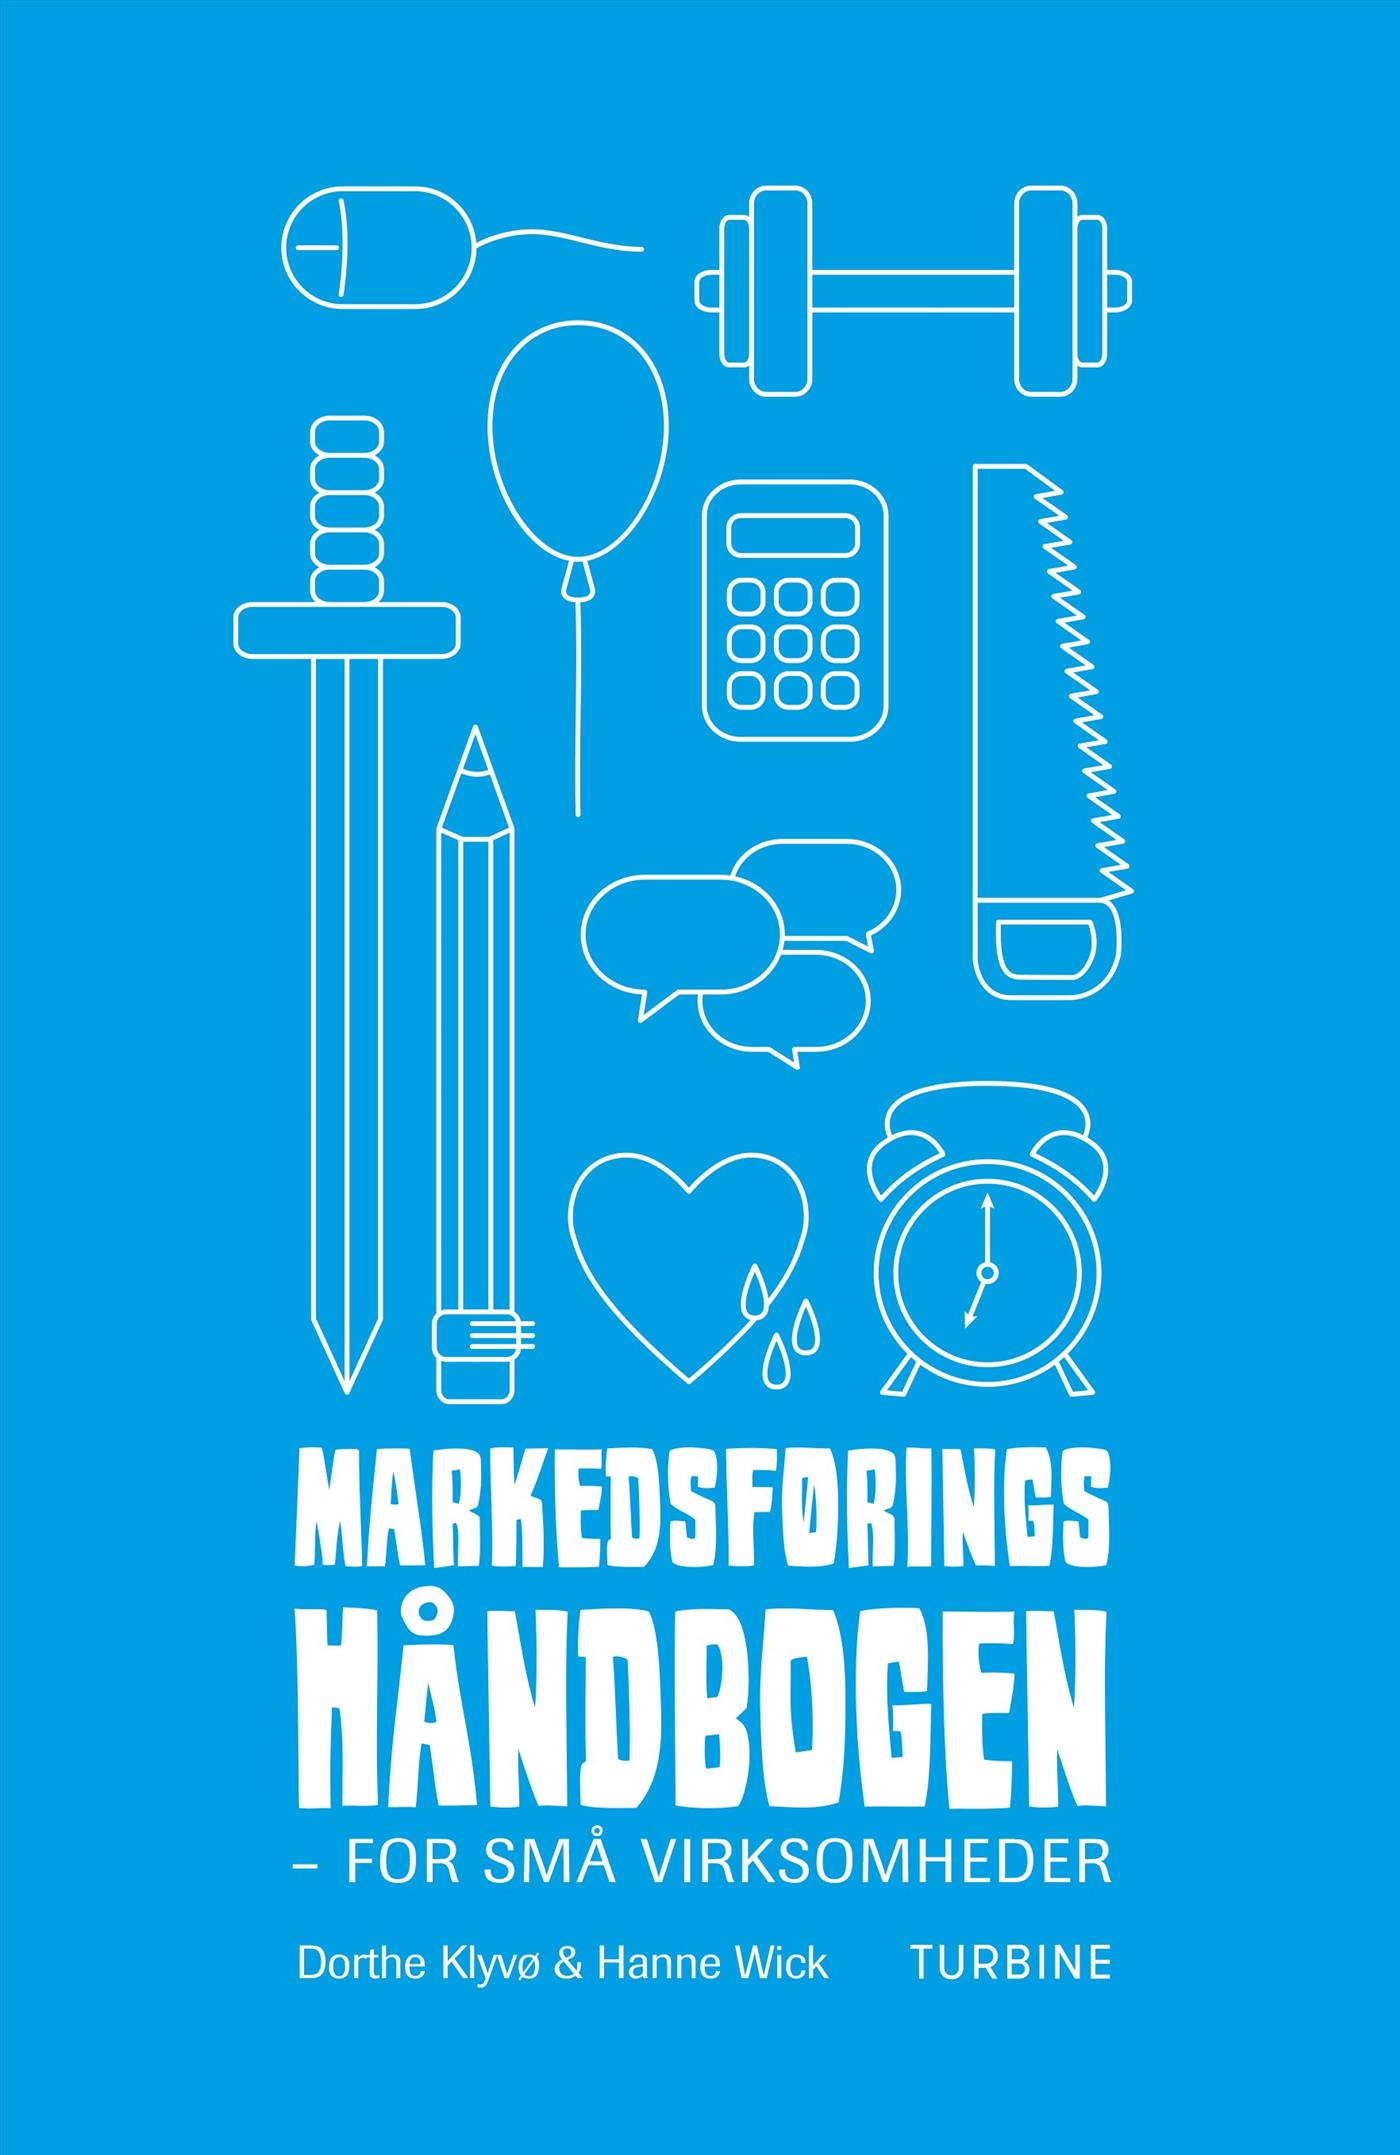 Markedsføringshåndbogen af Dorthe Klyvø og Hanne Wick